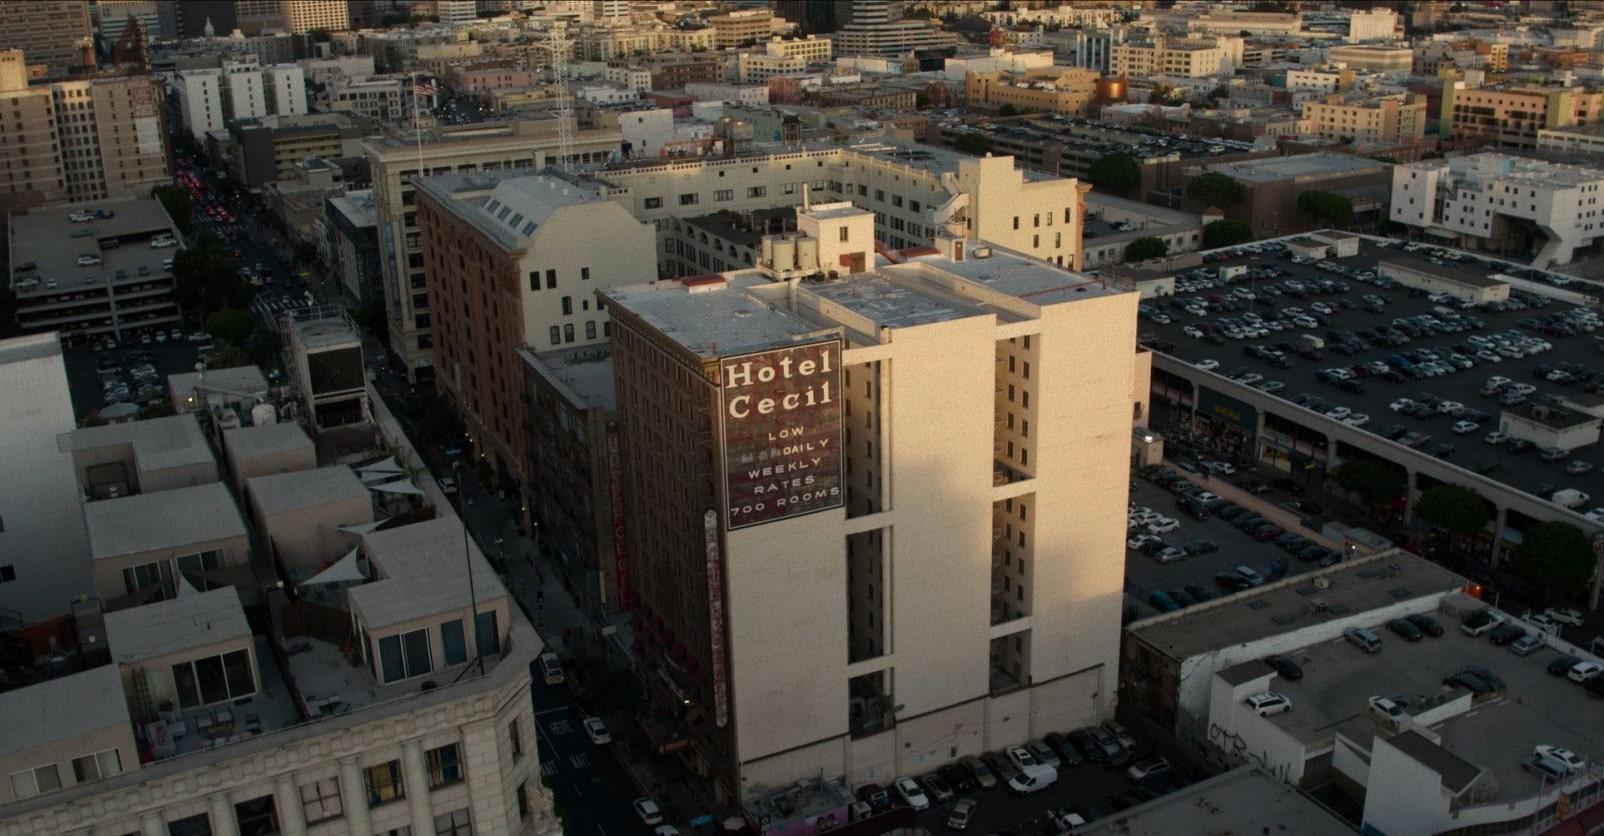 El Hotel Cecil de Los Ángeles y su récord de muertes es el protagonista del nuevo hit de Netflix